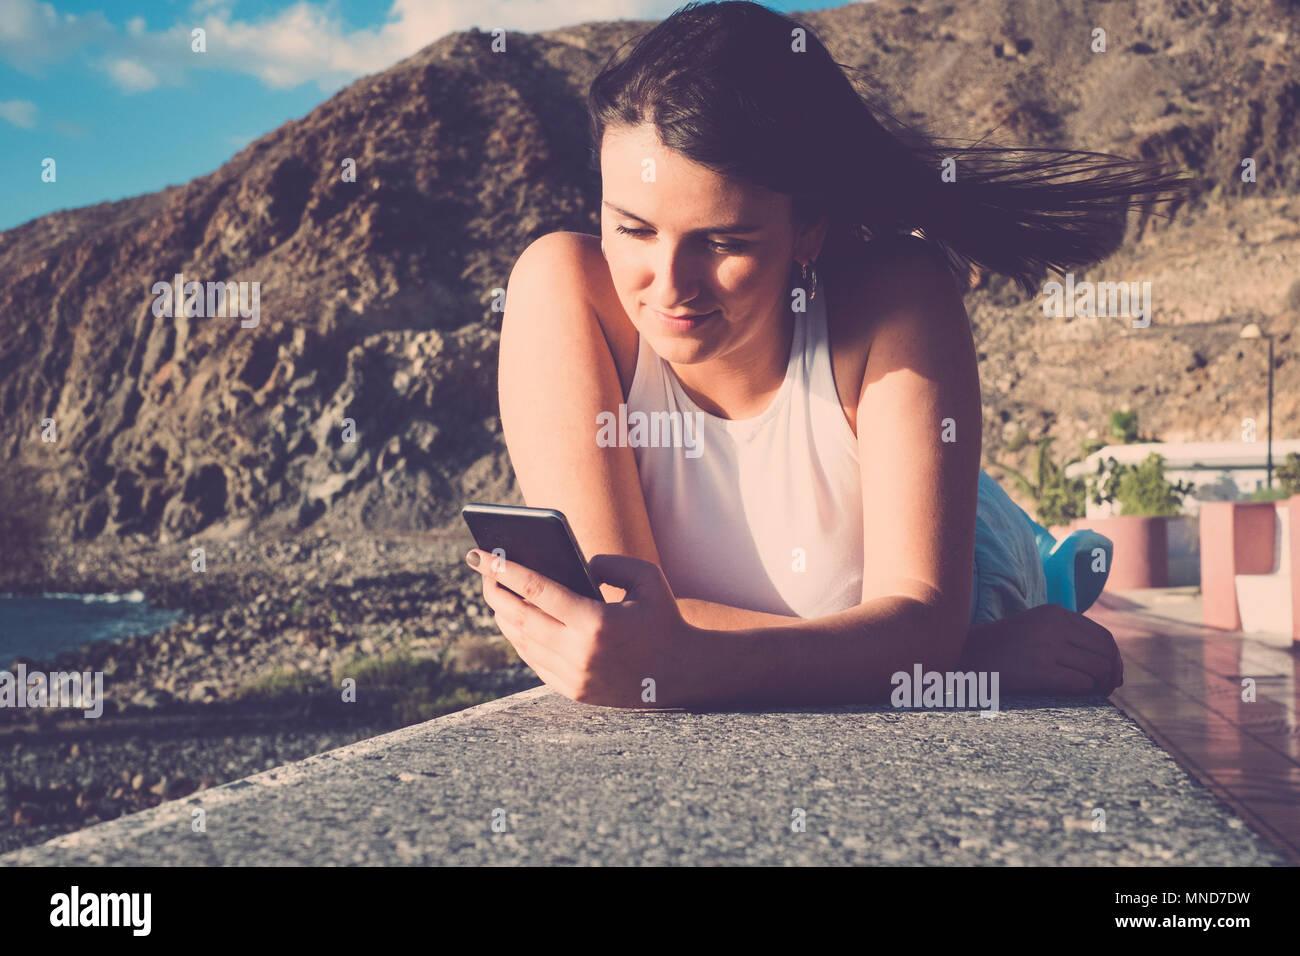 Bellissimi capelli lunghi donna spagnola utilizzare il cellulare per inviare messaggio durante una vacanza a Tenerife. Fissare su un muro vicino alla spiaggia sotto un cielo blu w Immagini Stock